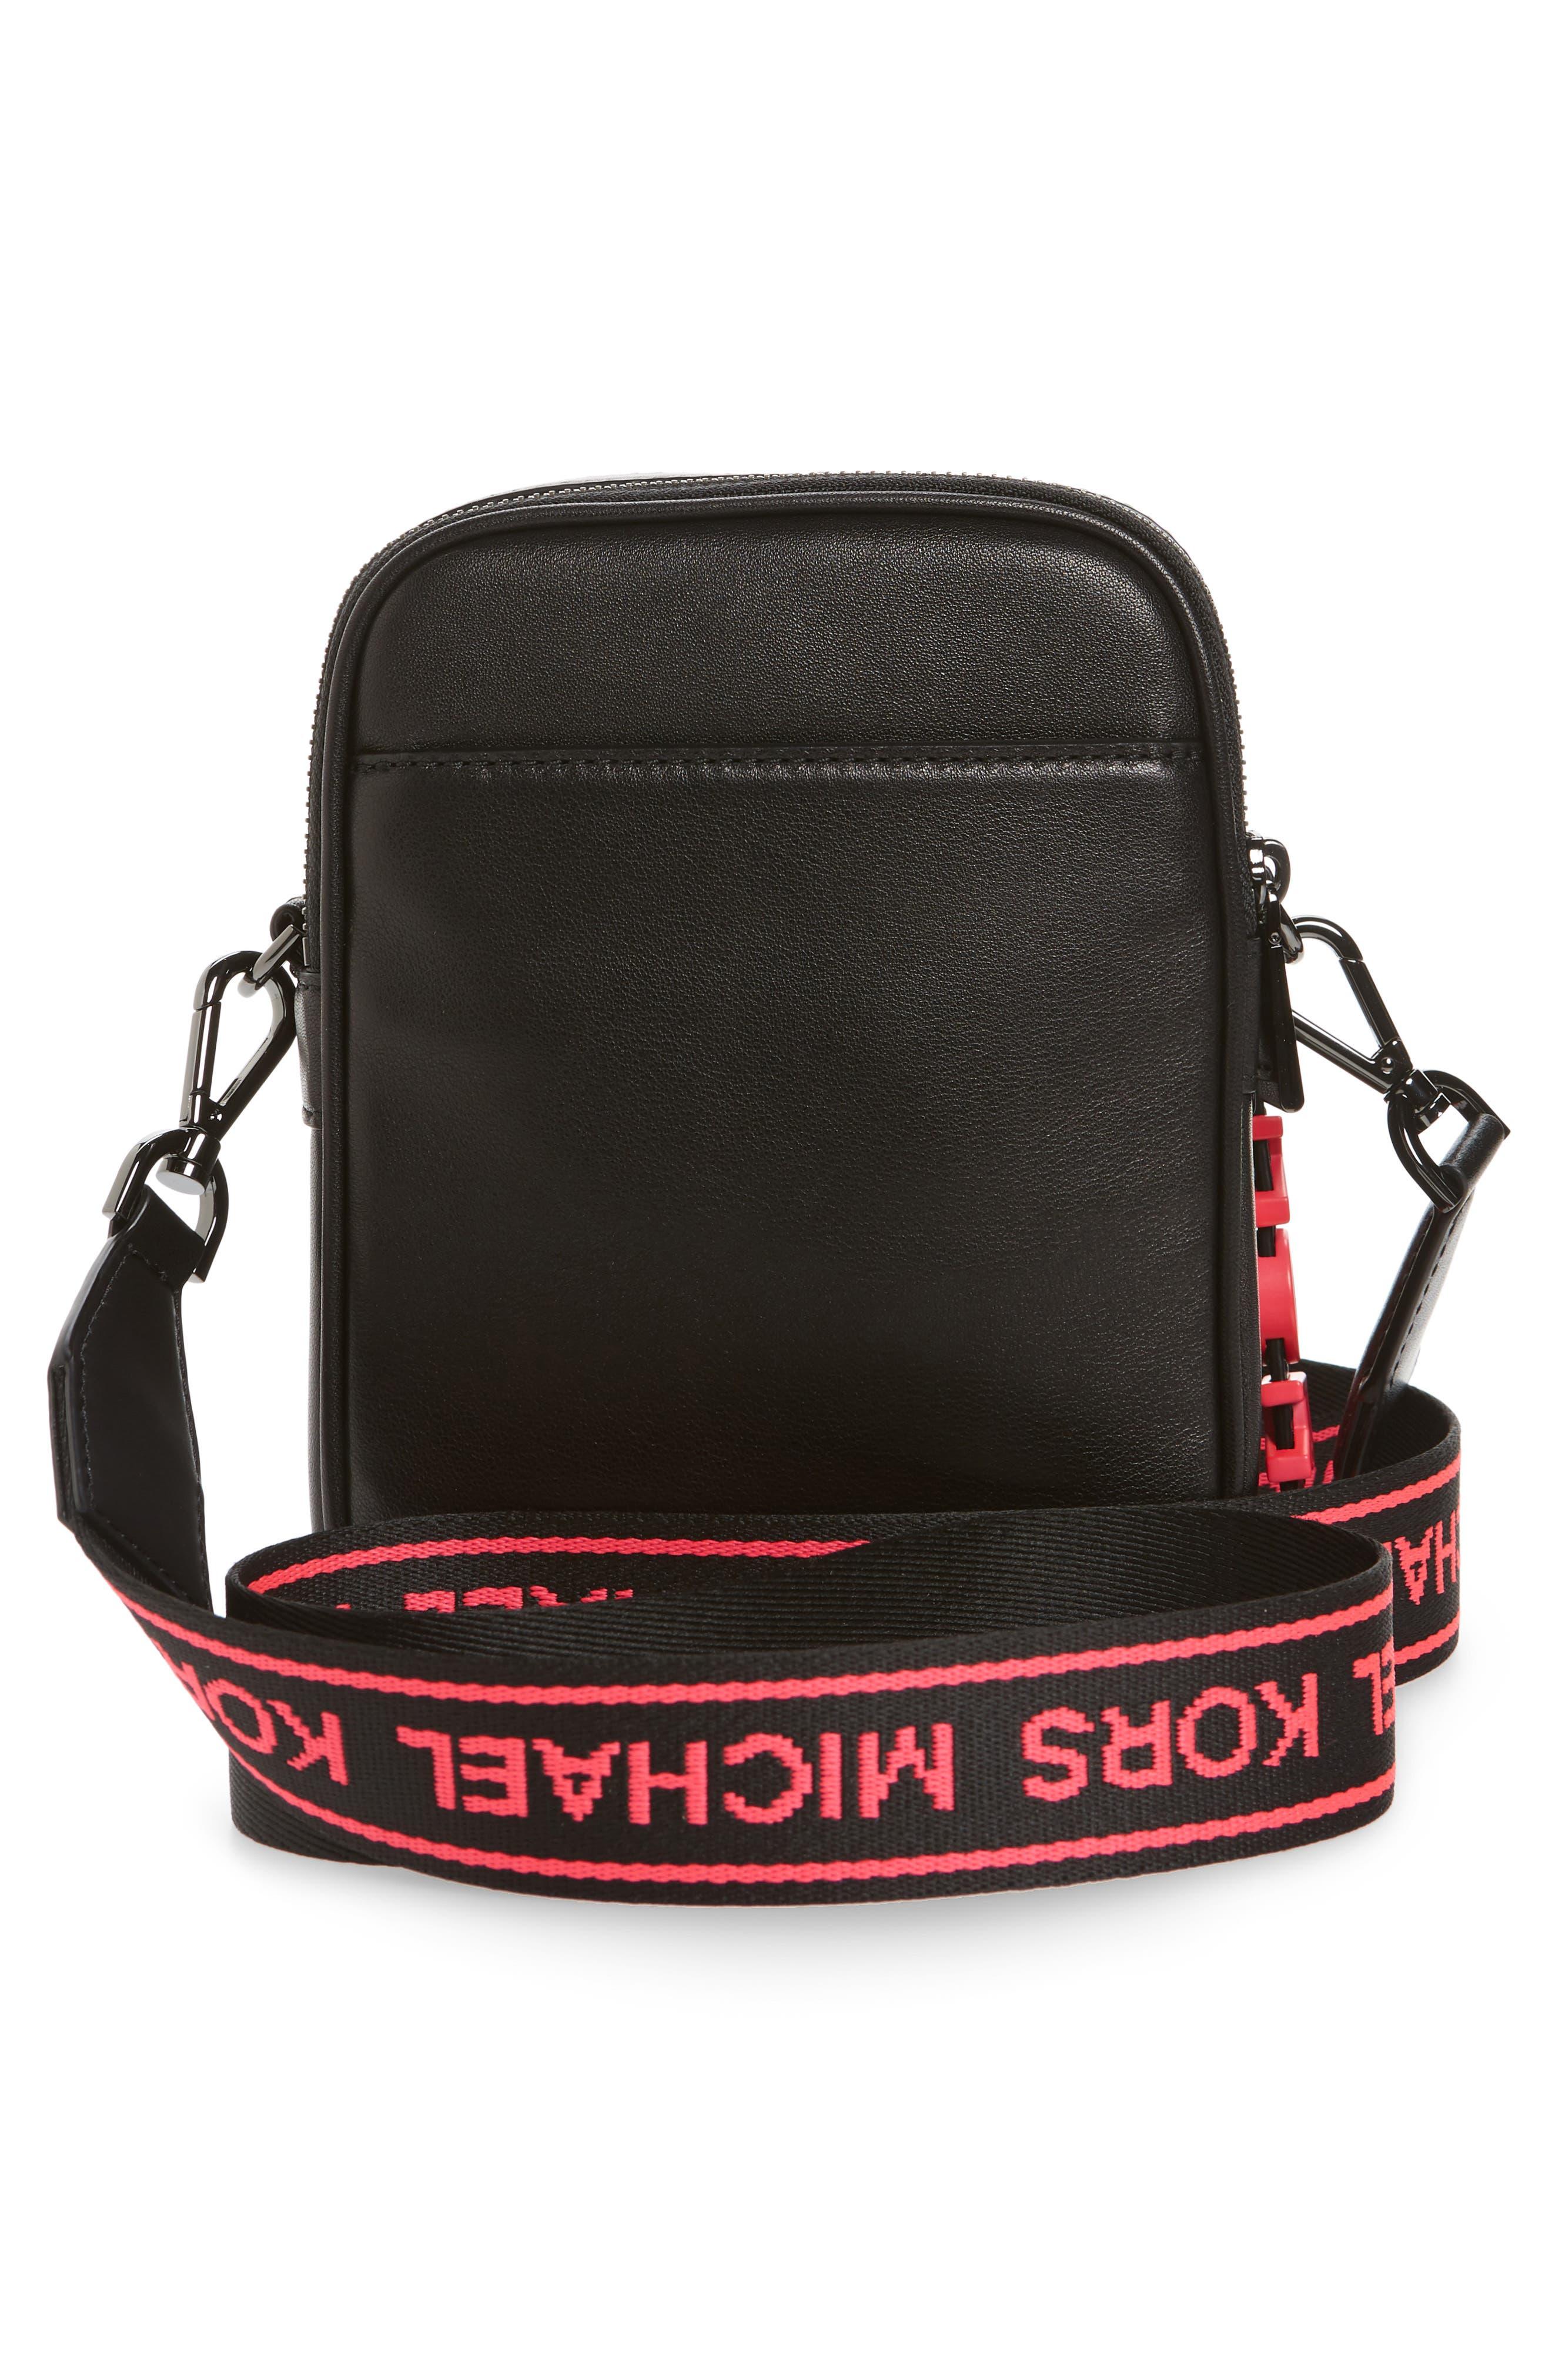 4e8f93ecc98 michael kors handbags | Nordstrom